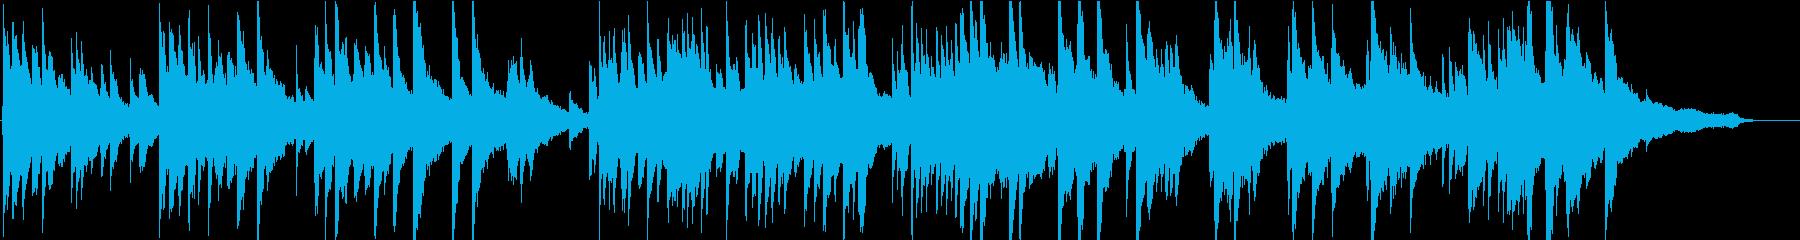 優雅で切ないピアノソロ楽曲ですの再生済みの波形